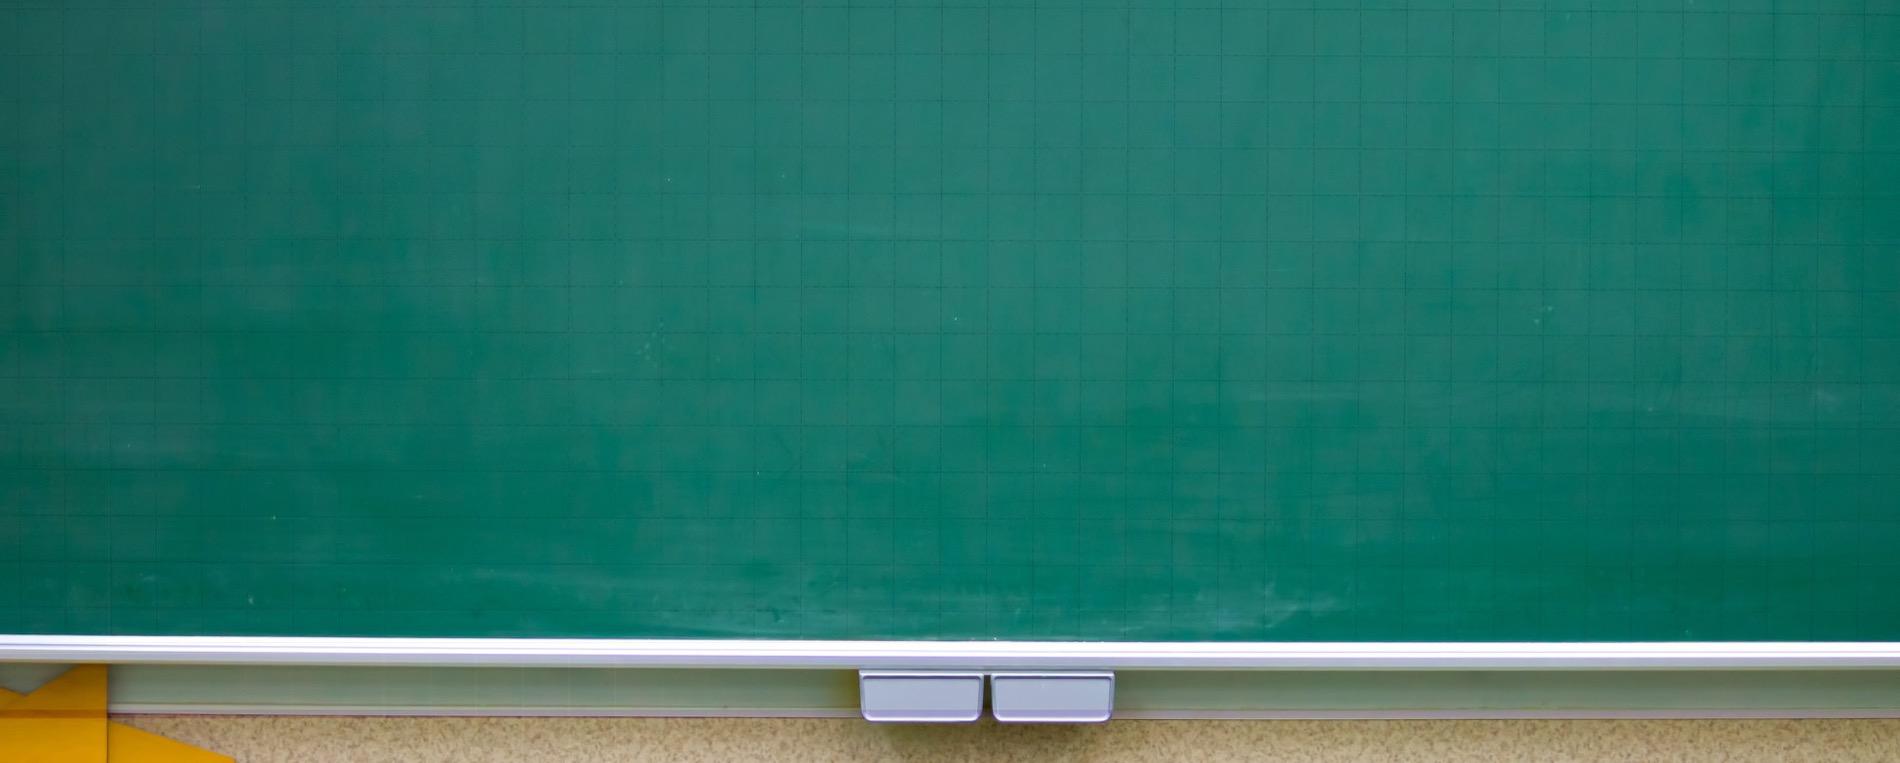 「不登校を解決するには子どもを頑張らせないと‥」 その考えは間違いです。